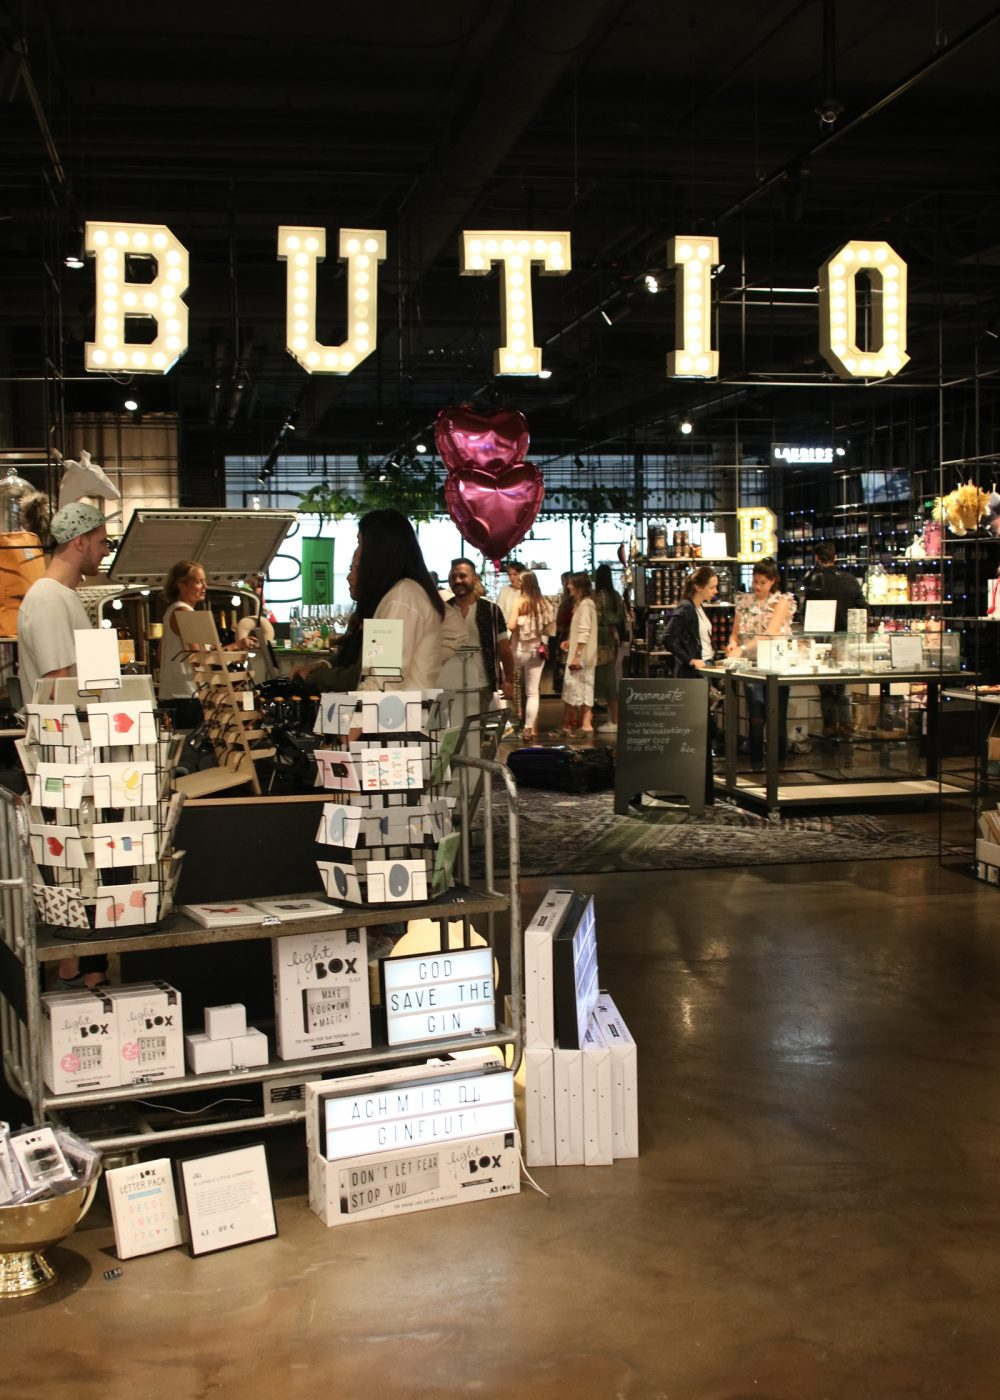 Butiq Mannheim mannheim bloggt bloggerevent im butiq concept store lavie deboite